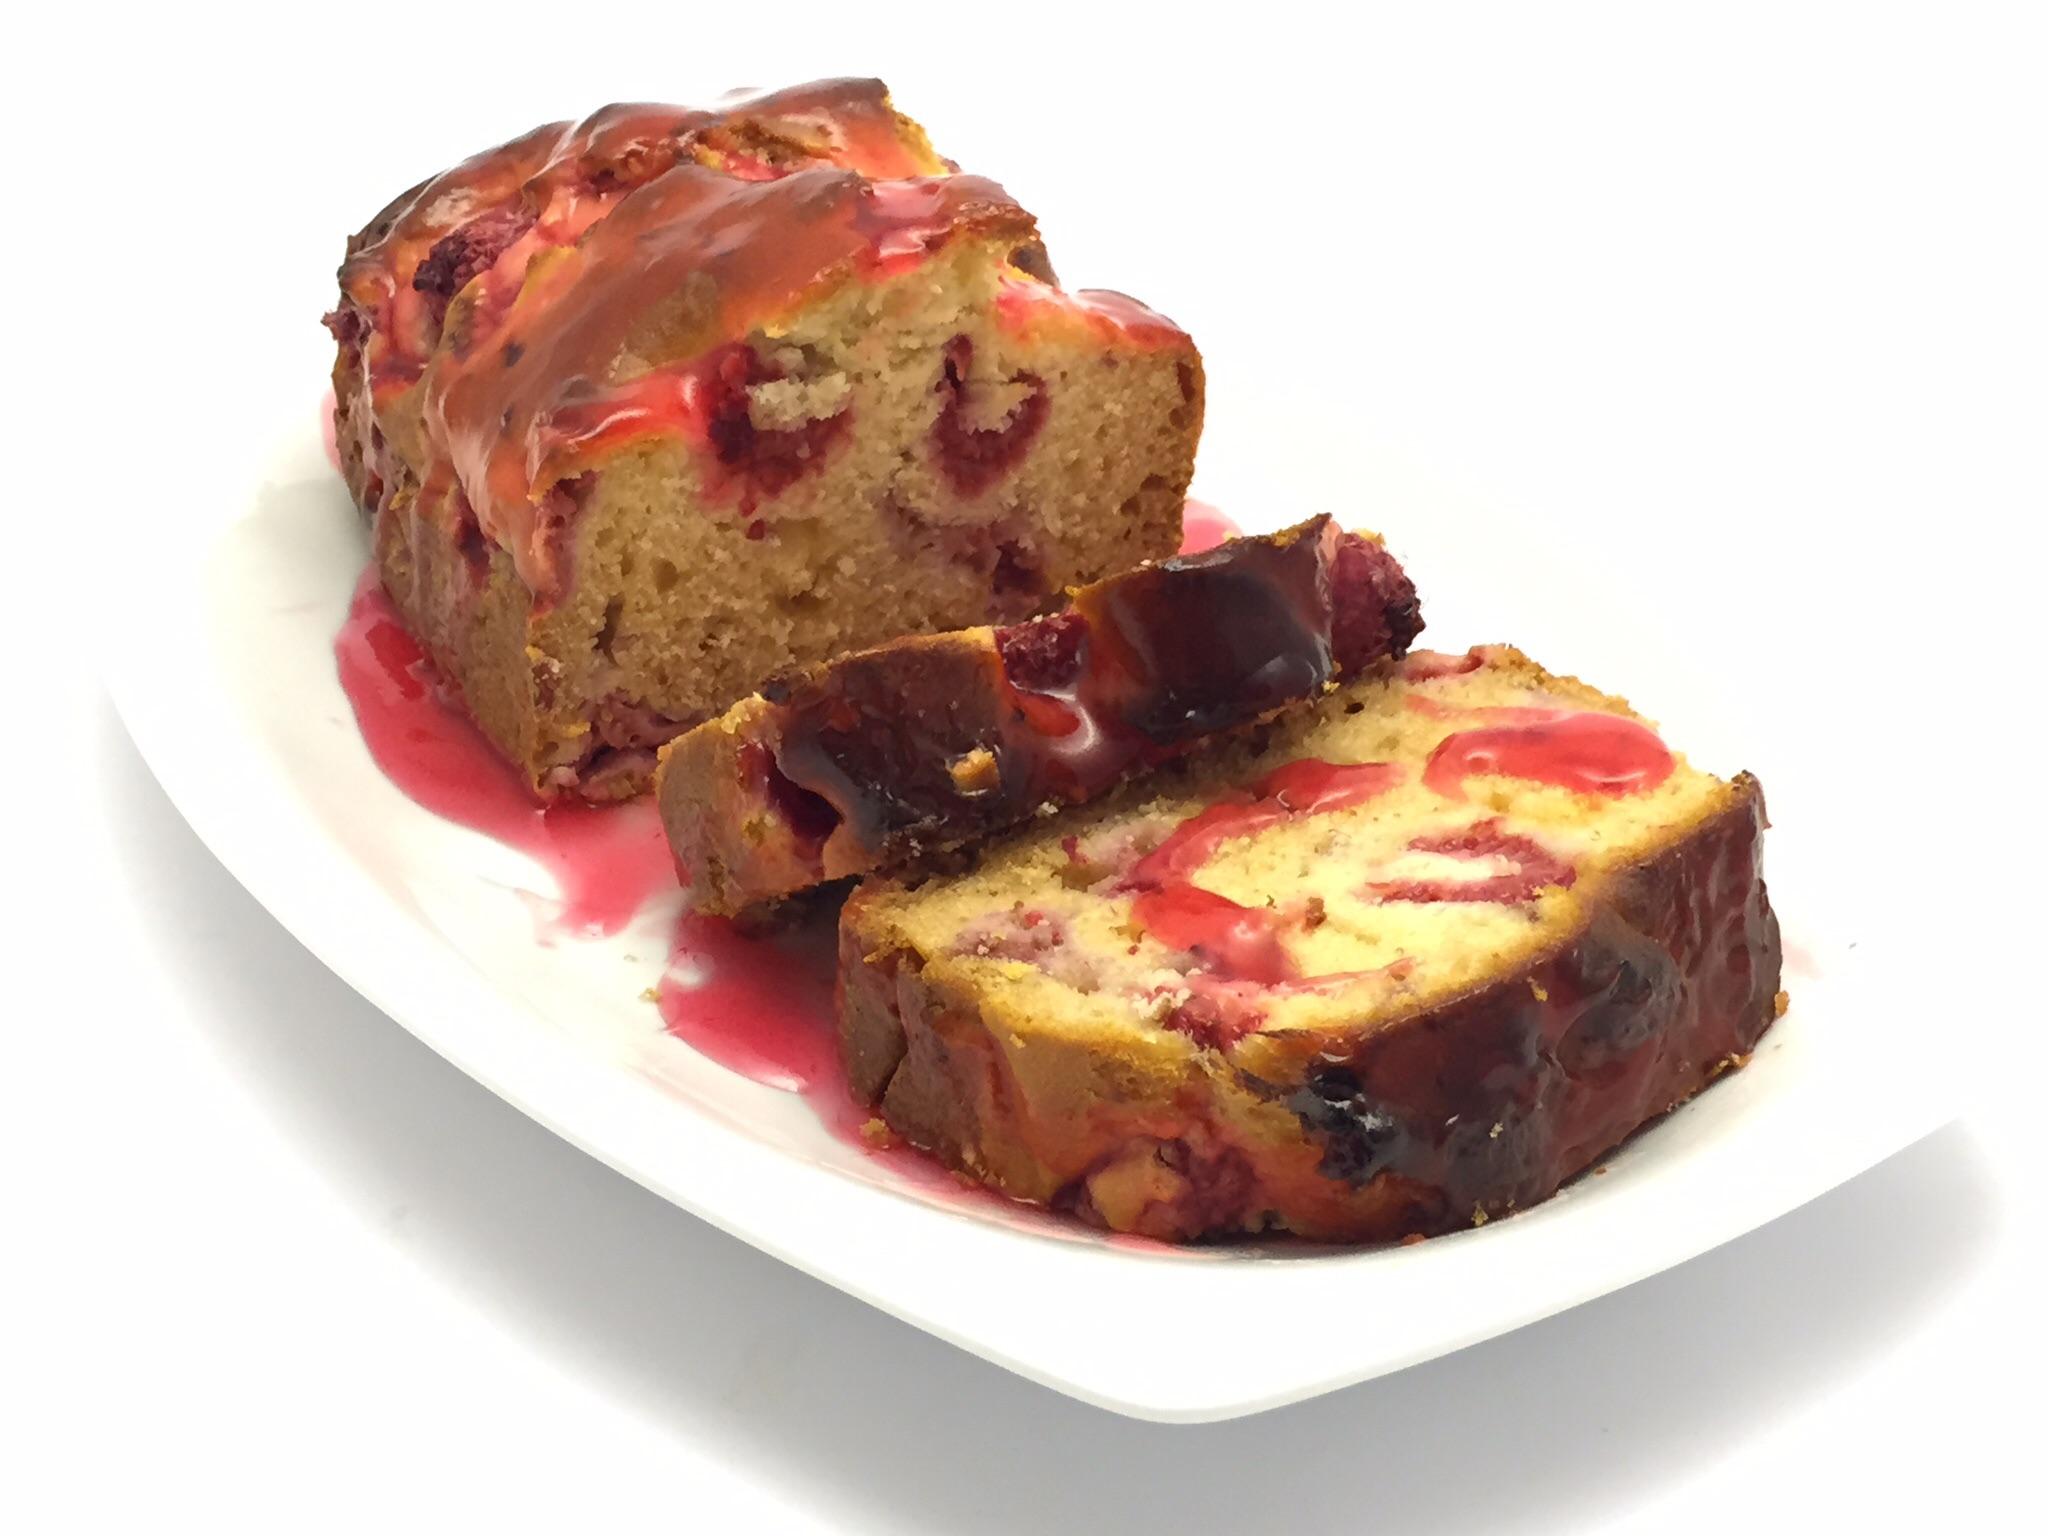 22 giugno 2015  - Plumcake senza glutine ai lamponi con glassa al miele